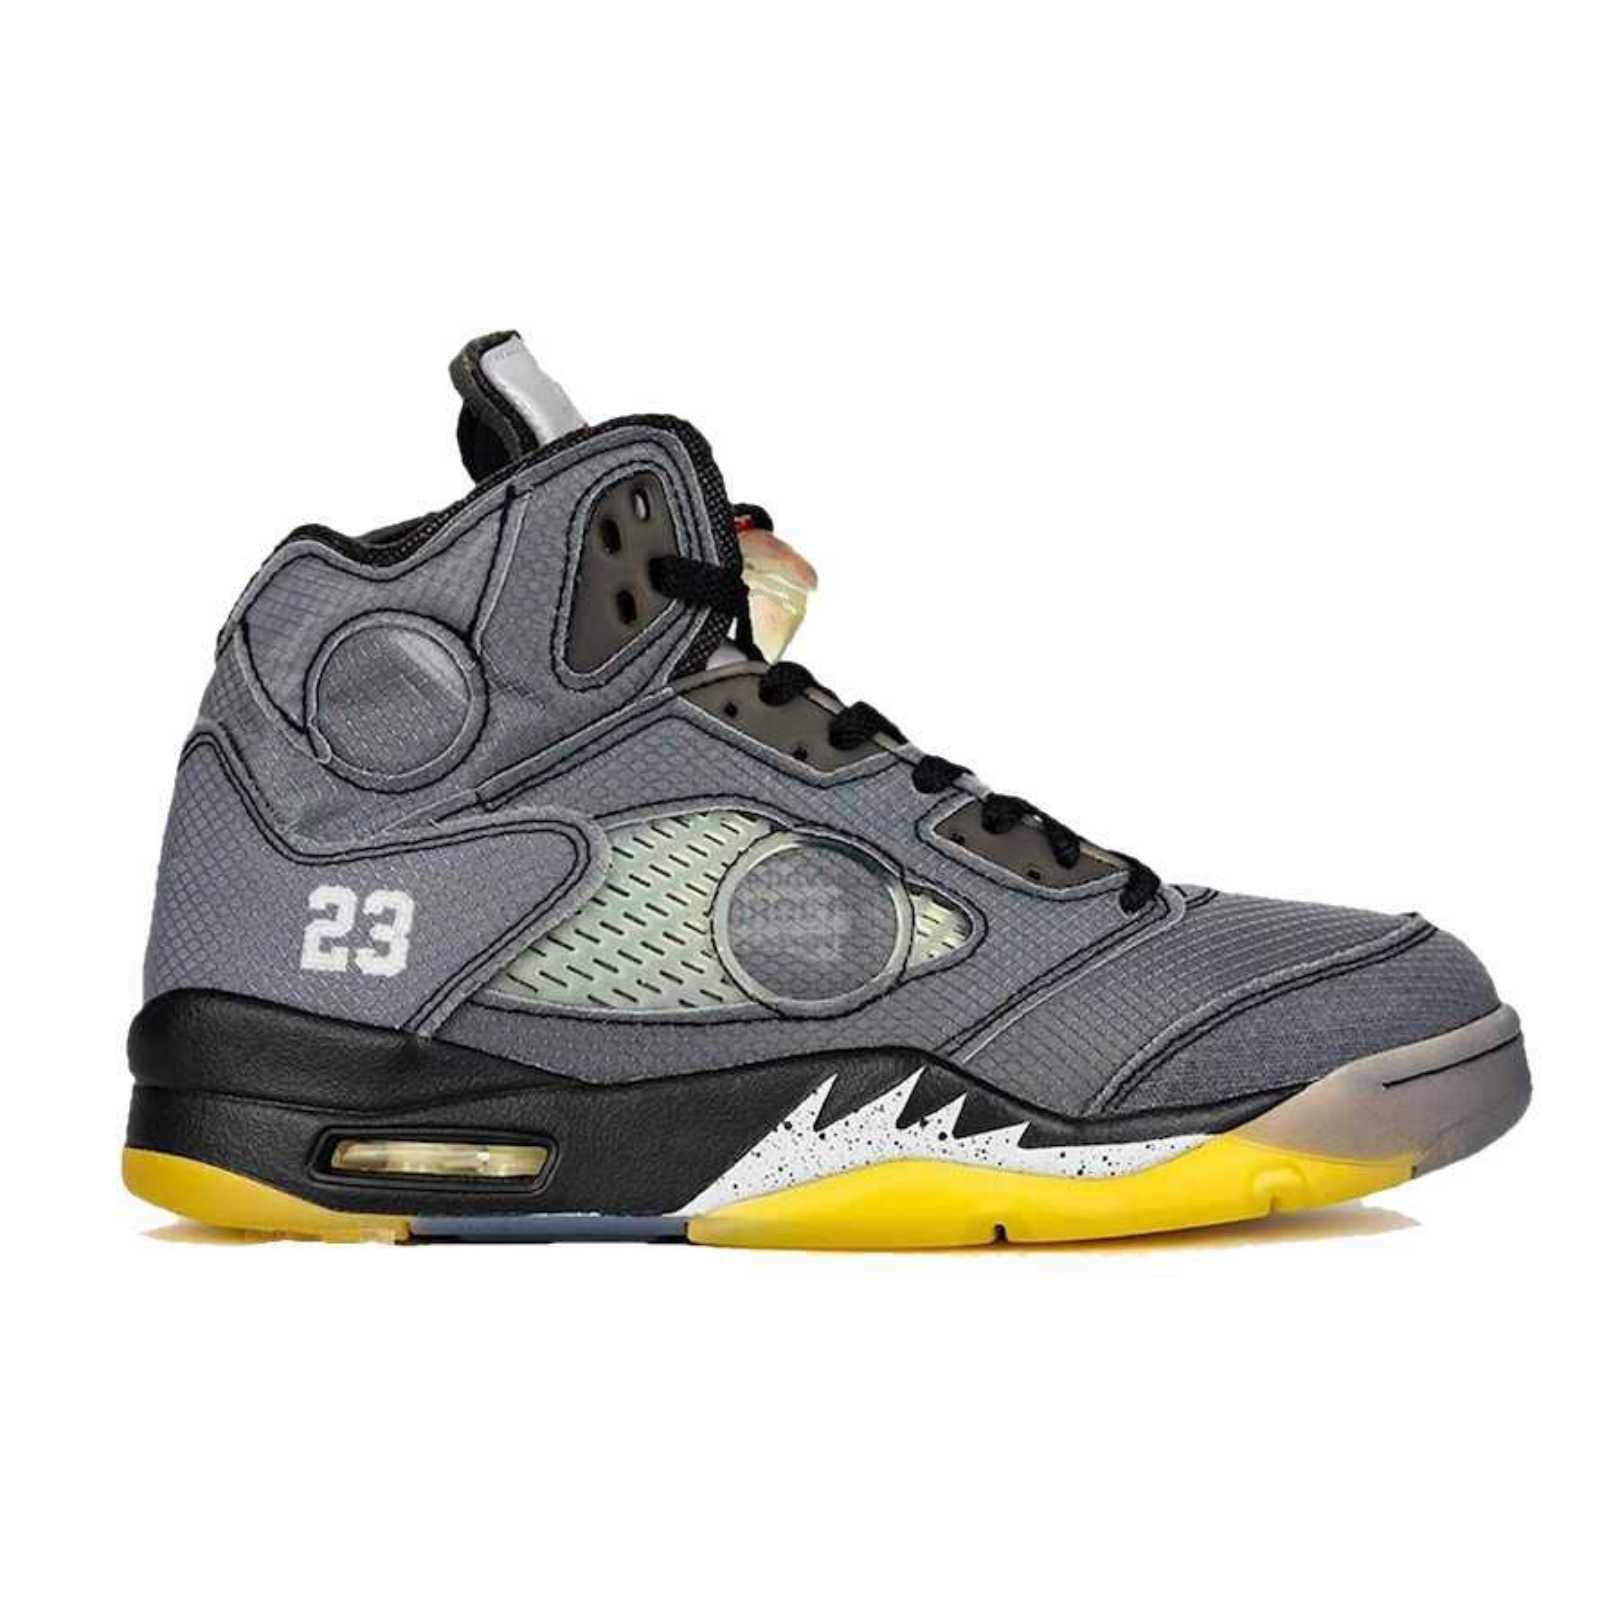 5s шить отверстие на языке 5 черный серый отражение баскетбольная обувь топ заводская версия мужские кроссовки новый 2020 кроссовки с коробкой